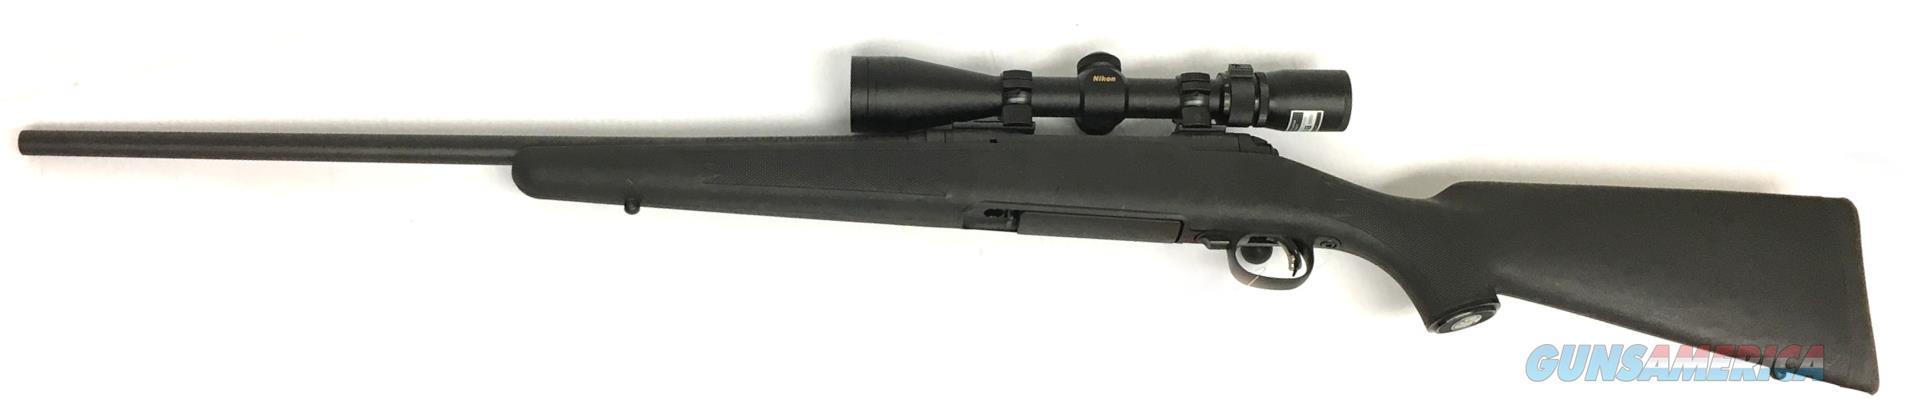 Savage 111 Rifle .270 Win  Guns > Pistols > S Misc Pistols